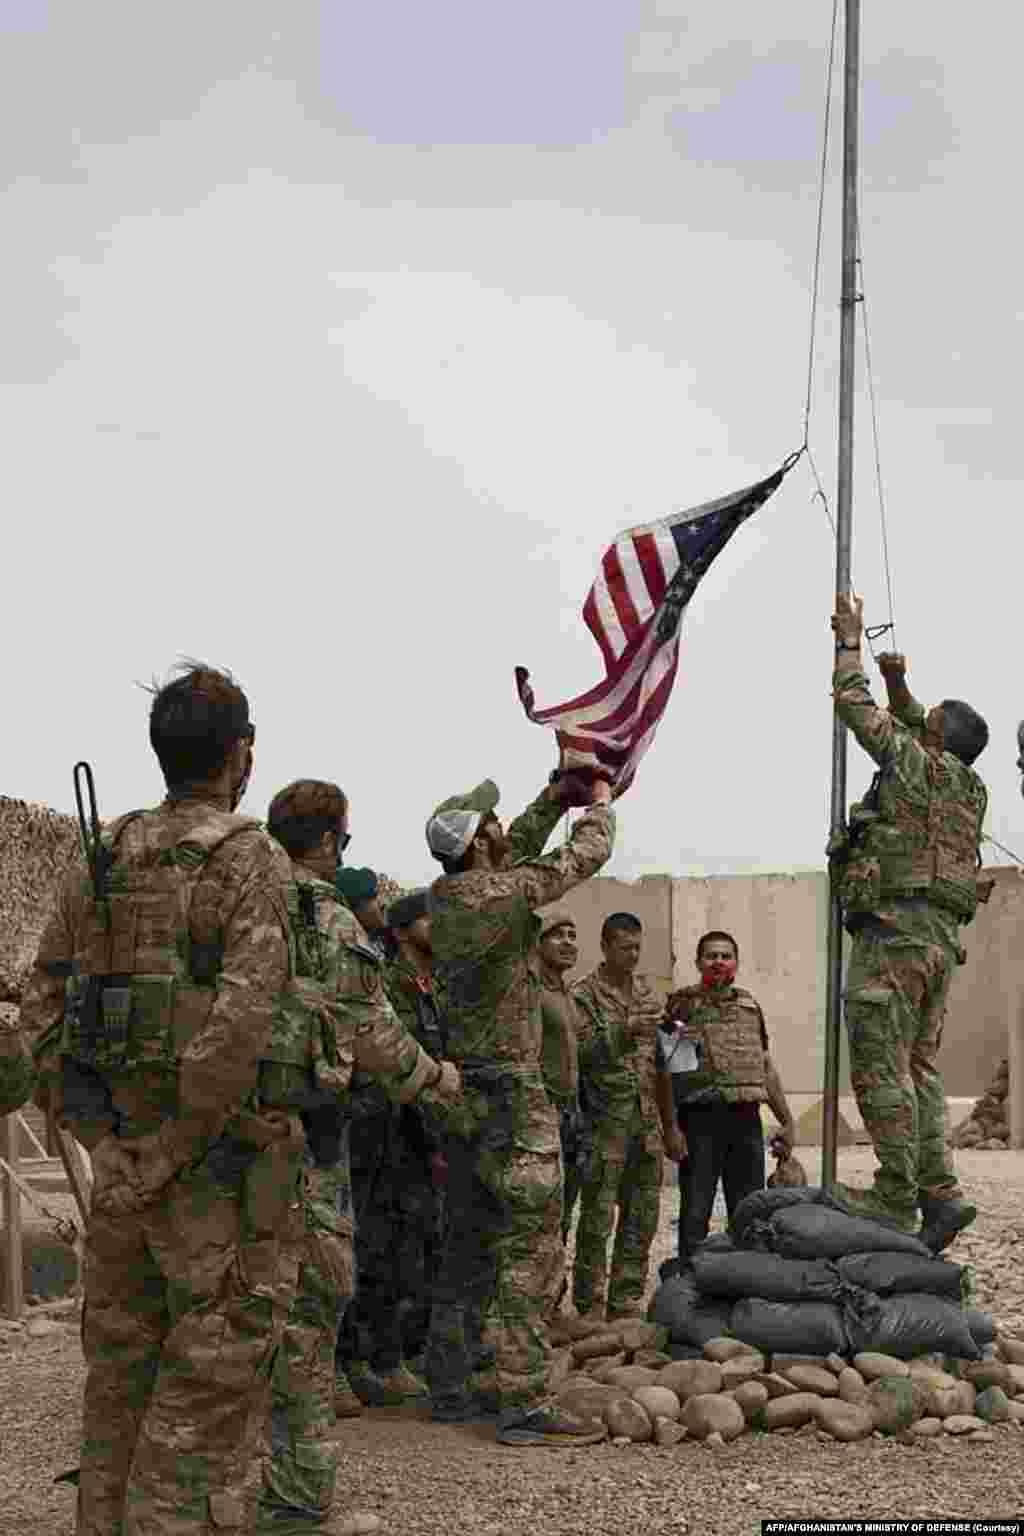 امریکہ کے صدر جو بائیڈن کے اعلان کے مطابق افواج کی واپسی 11 ستمبر 2021 تک مکمل ہونی ہے۔